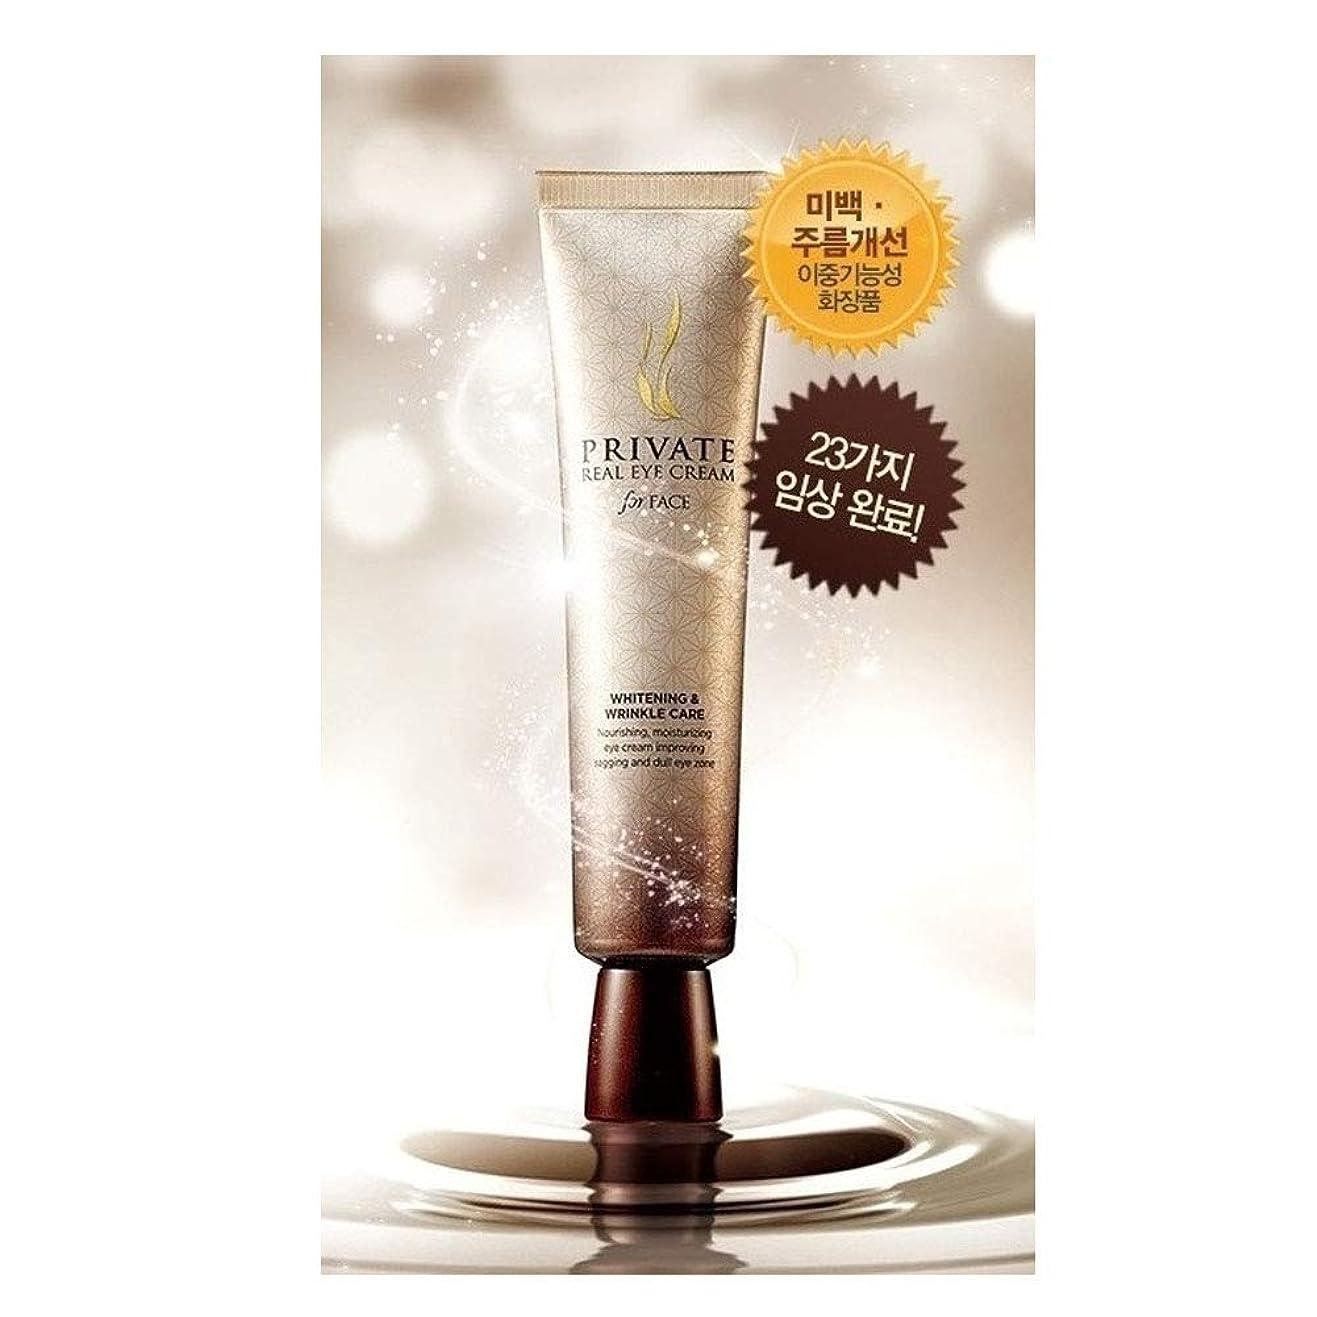 今晩感謝しているシーサイドAHCブラックキャビアスキンケアセットトナーローションクリームアイクリームアンプル、AHC Black Caviar Skincare Set Toner Lotion Cream Eye Cream Ampoule [並行輸入品]